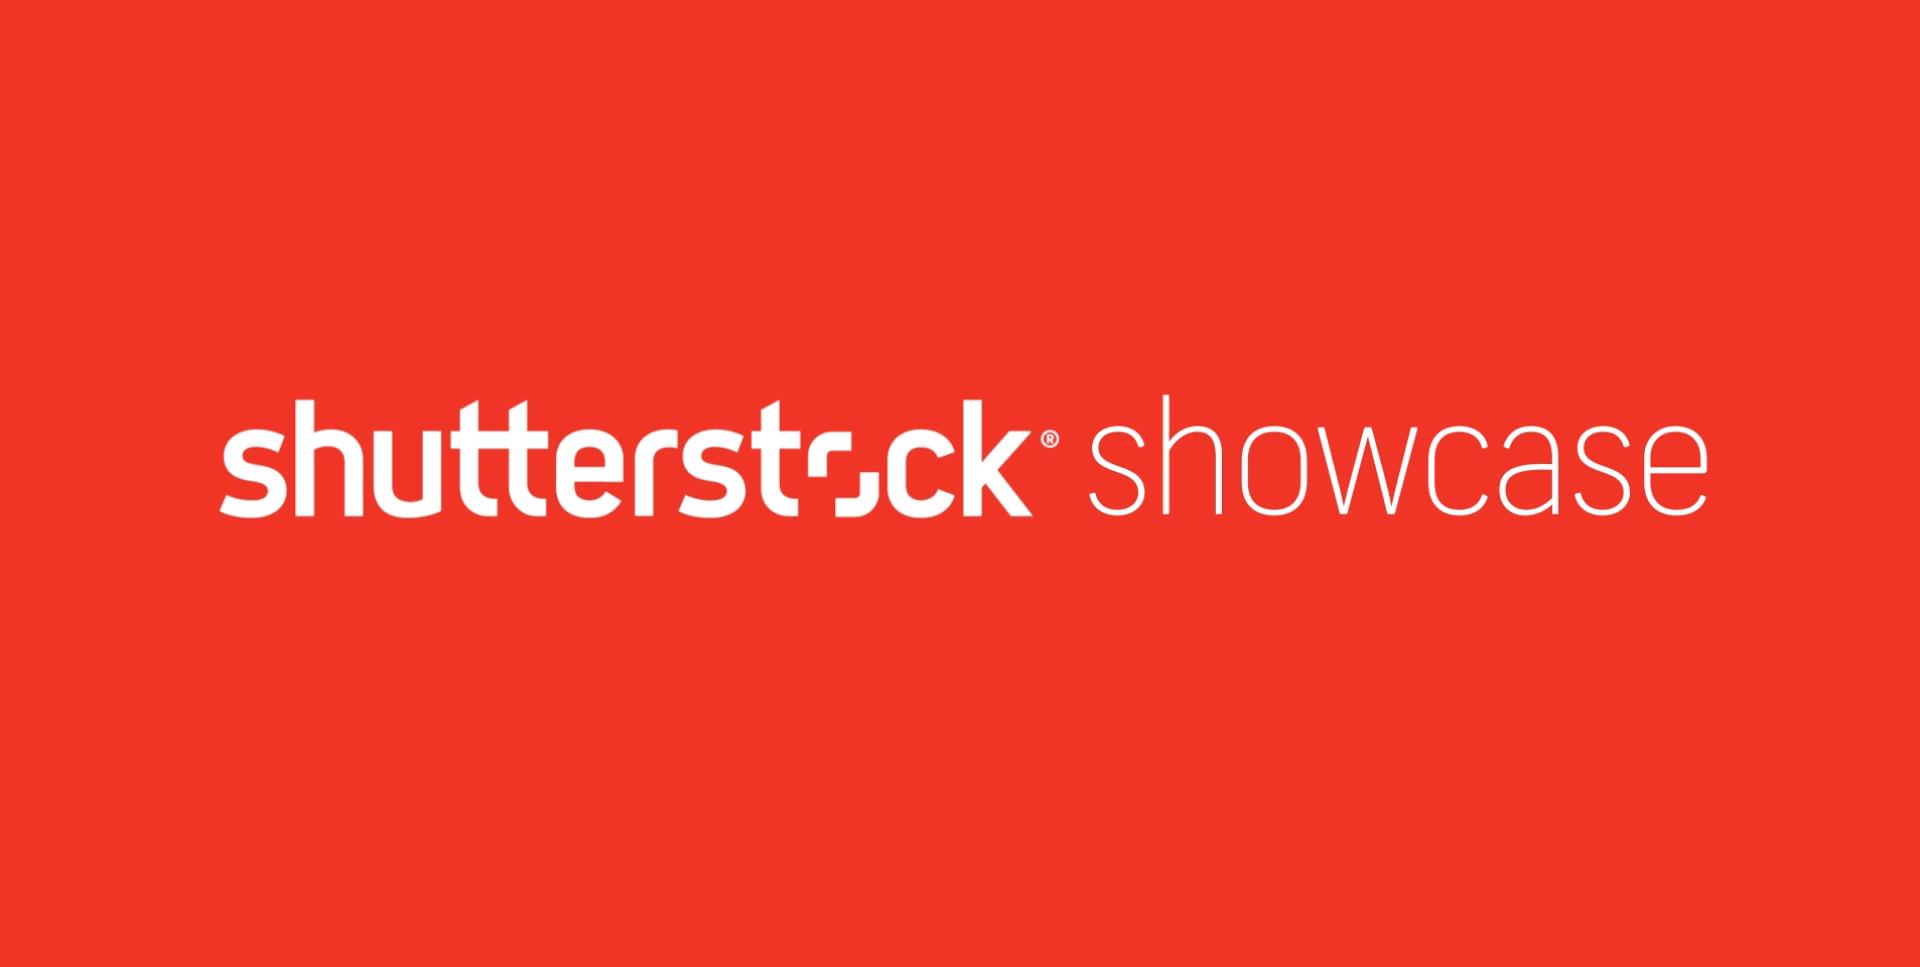 Shutterstock lança extensão para o Google Chrome que permite buscar e baixar imagens com facilidade